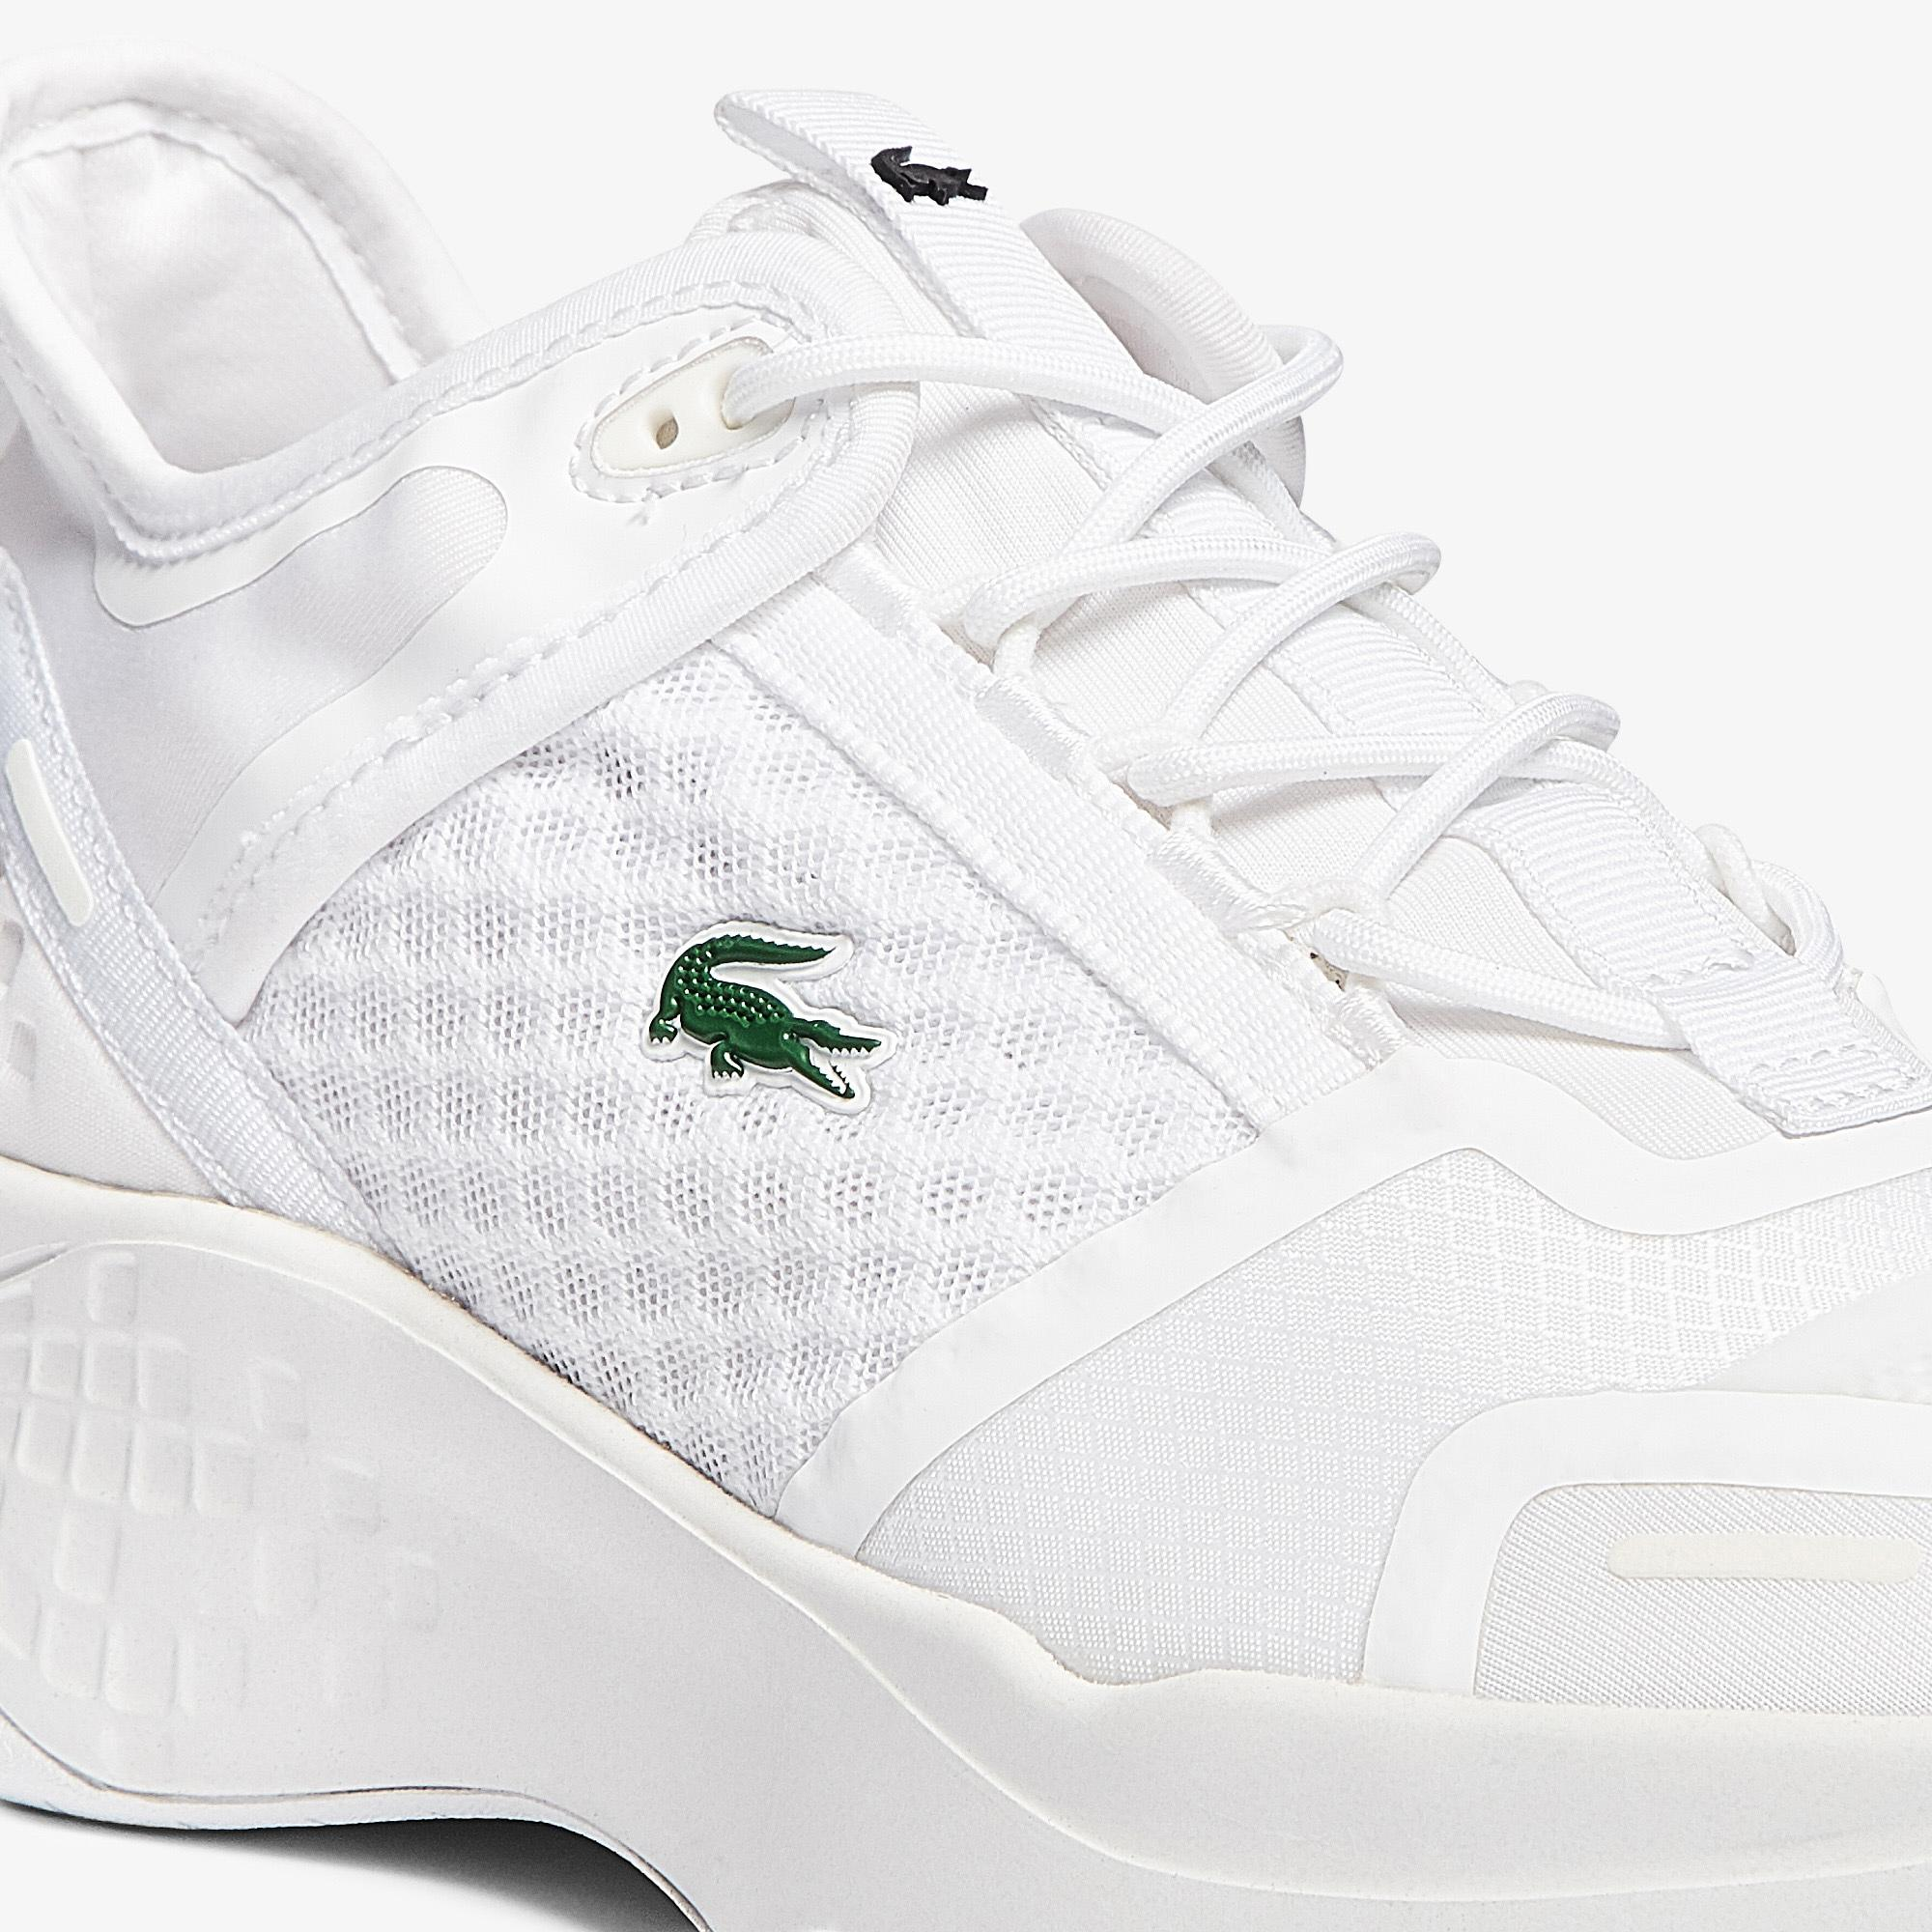 Lacoste Women's Court-Drıve Vntge07211Sfa Shoes